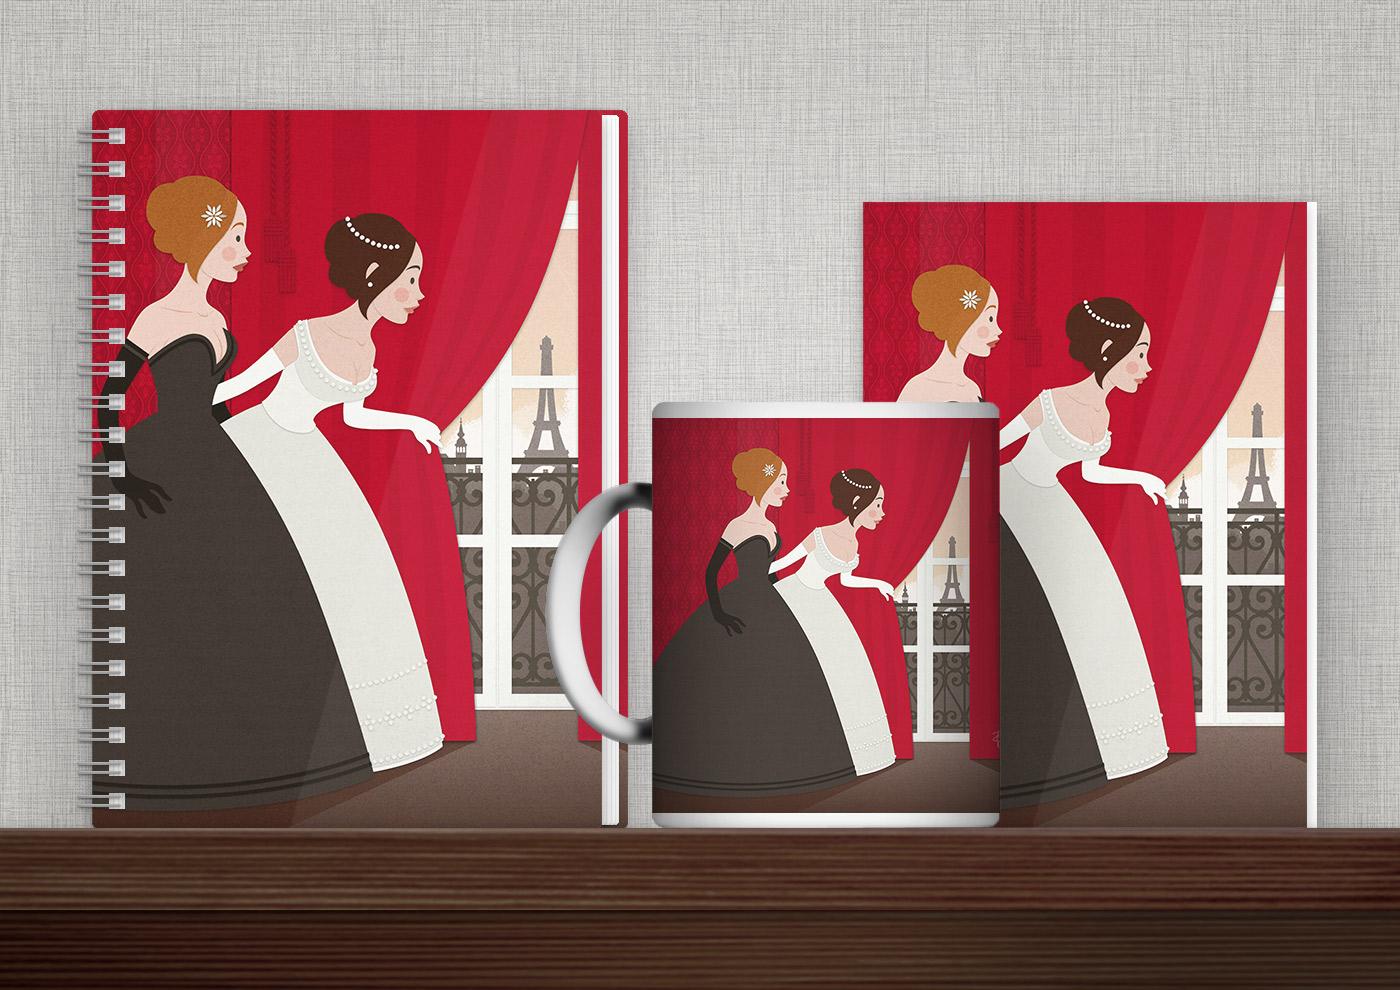 Bedruckte Produkte wie Tasse, Buch, Karte oder Tasche mit Illustrationen von Iris Luckhaus